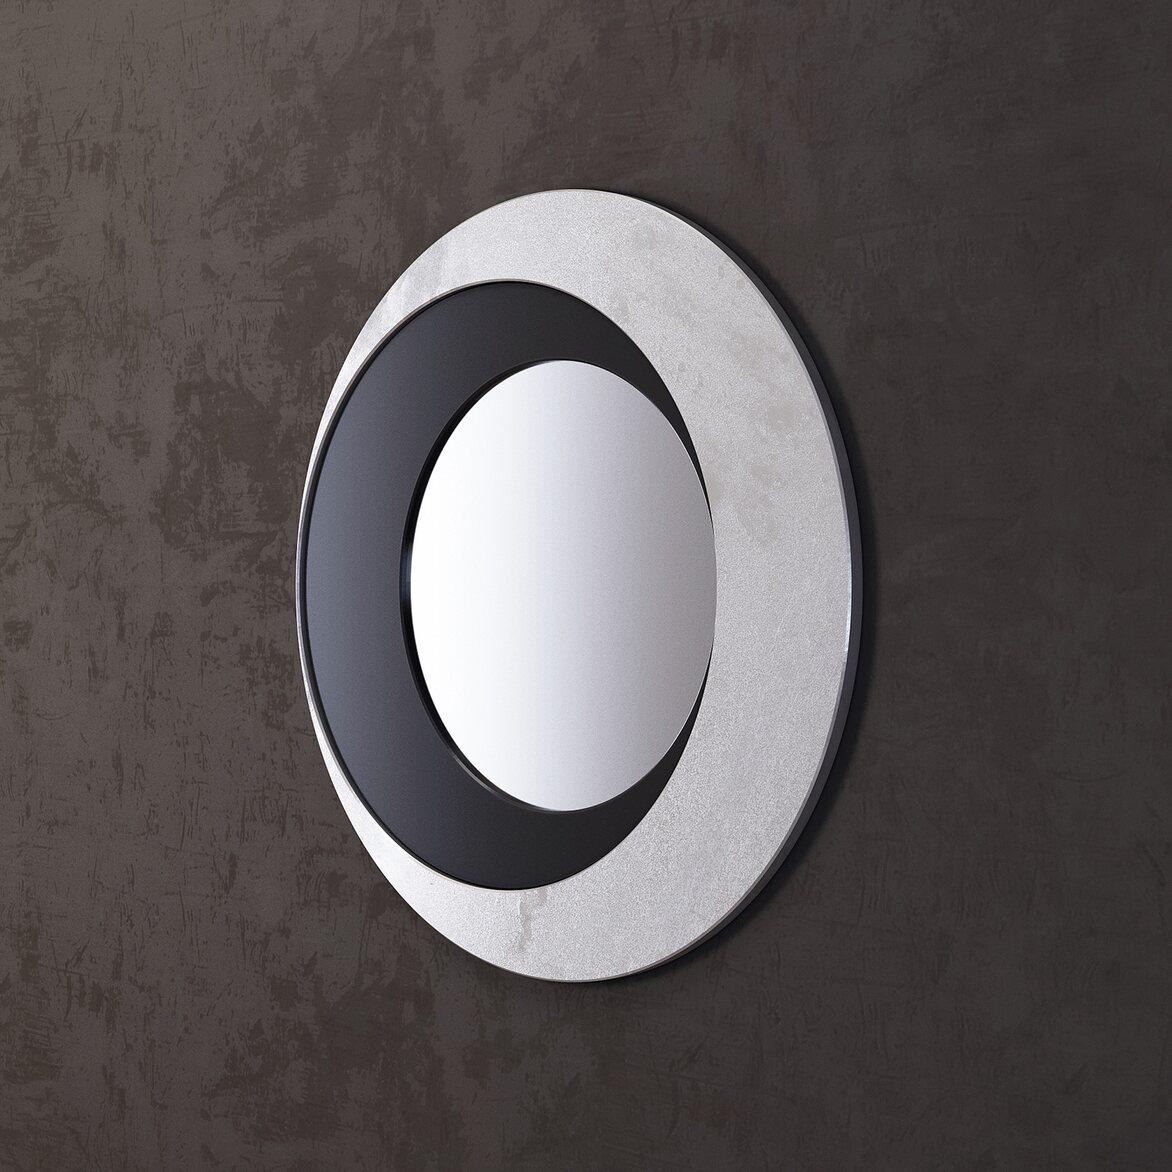 Зеркало Moon 2 | Настенные зеркала Kingsby